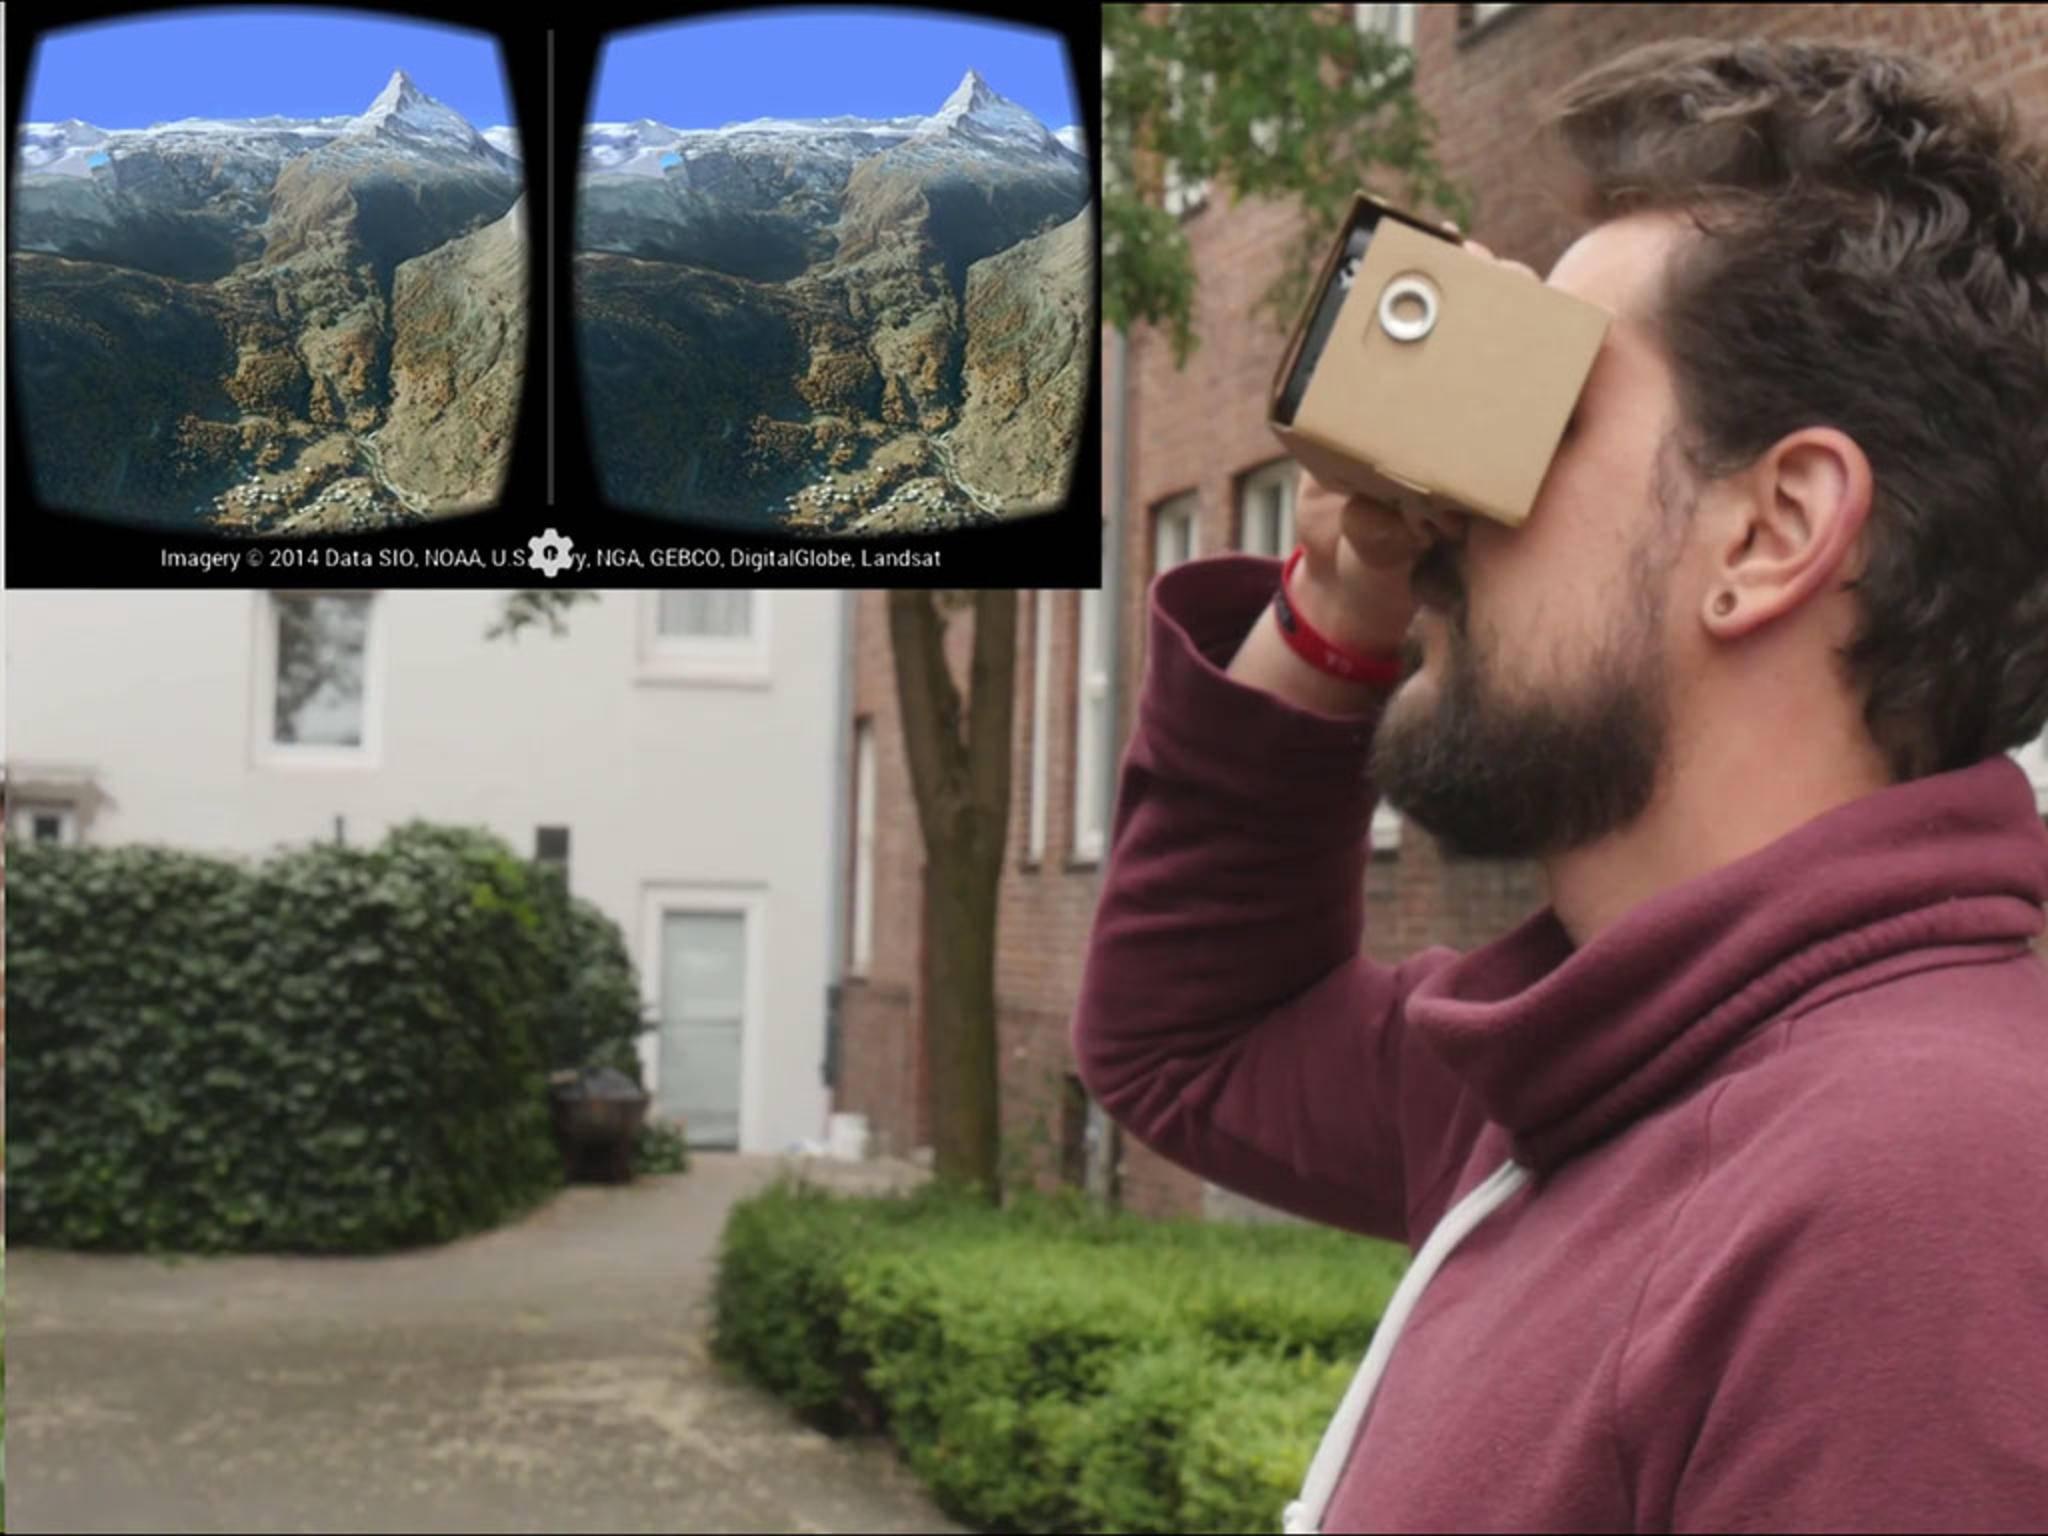 Auch iPhone-Besitzer können nun 360-Grad-Bilder mit Google Cardboard ansehen.